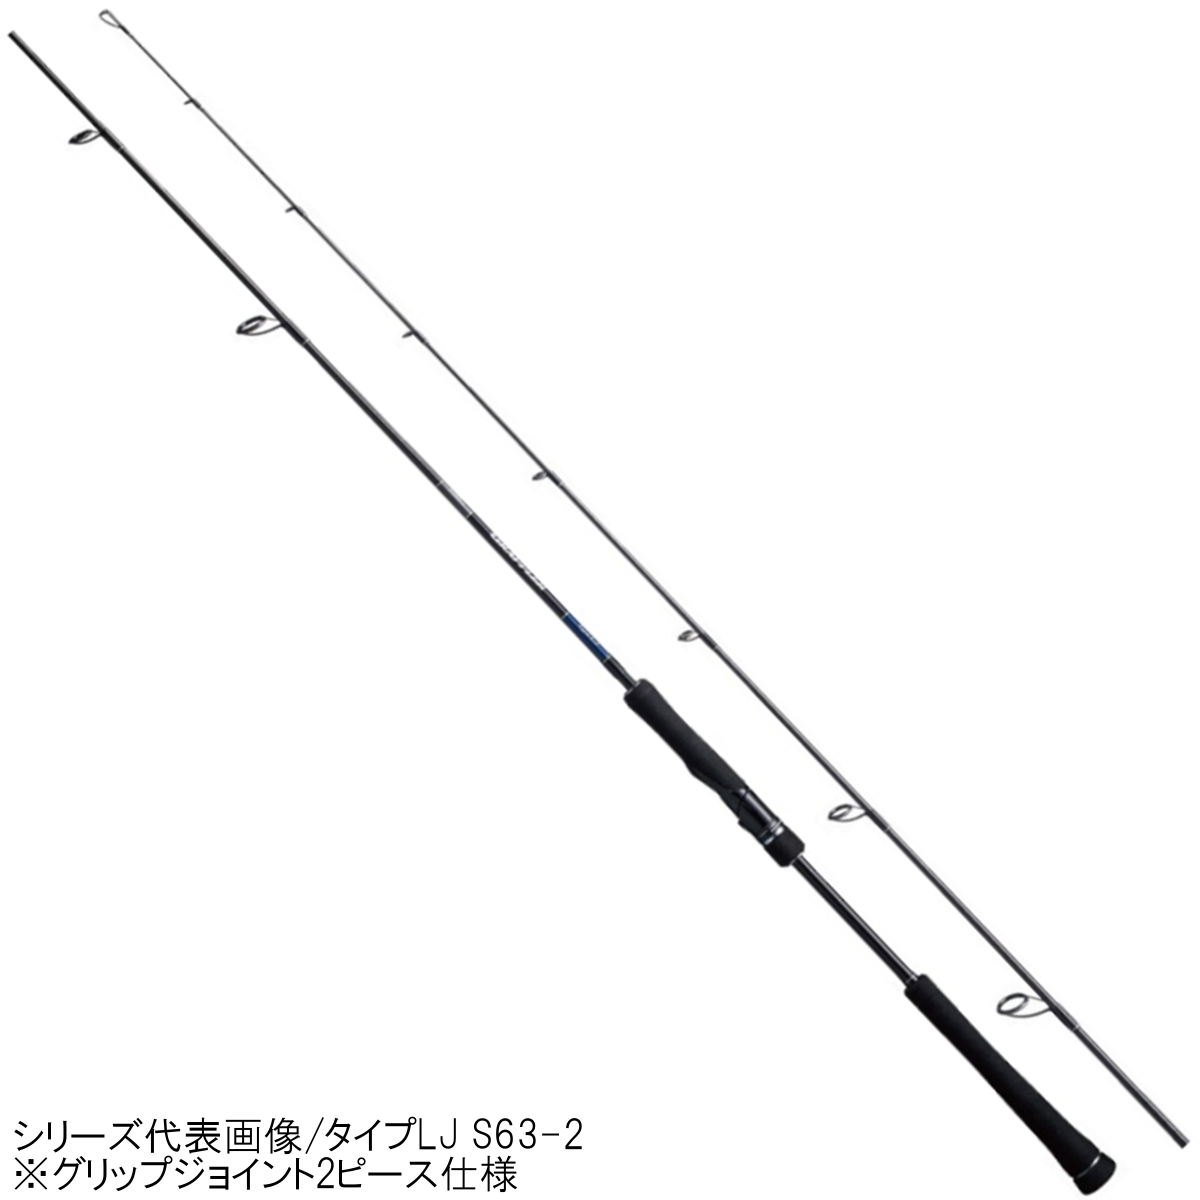 シマノ グラップラー タイプLJ S66-0【大型商品】【送料無料】